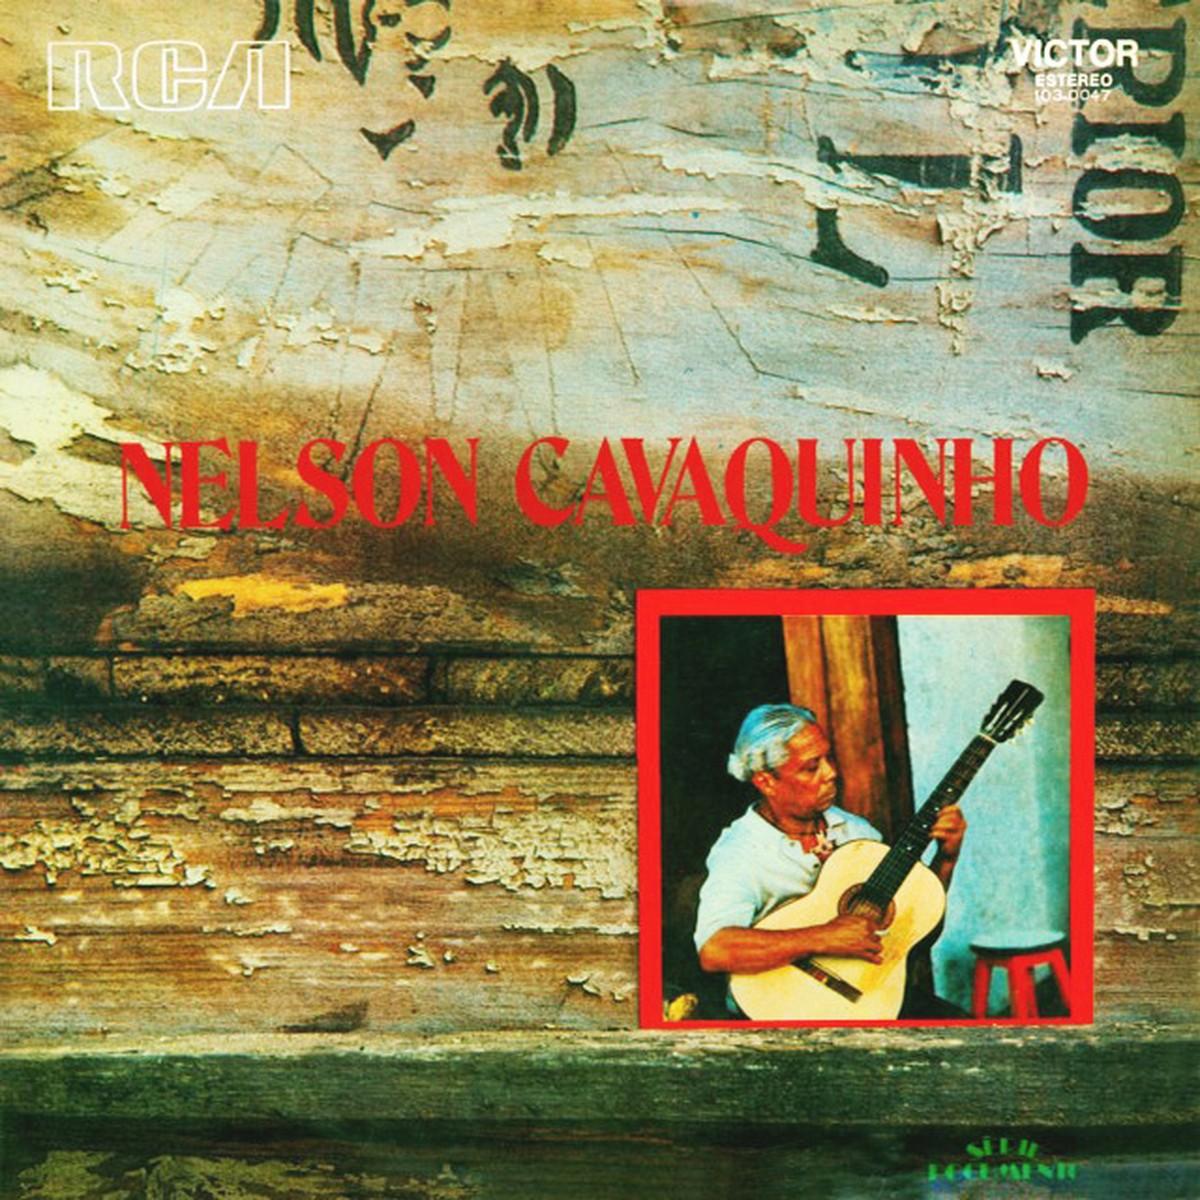 Discos para descobrir em casa – 'Nelson Cavaquinho', Nelson Cavaquinho, 1972 | Blog do Mauro Ferreira